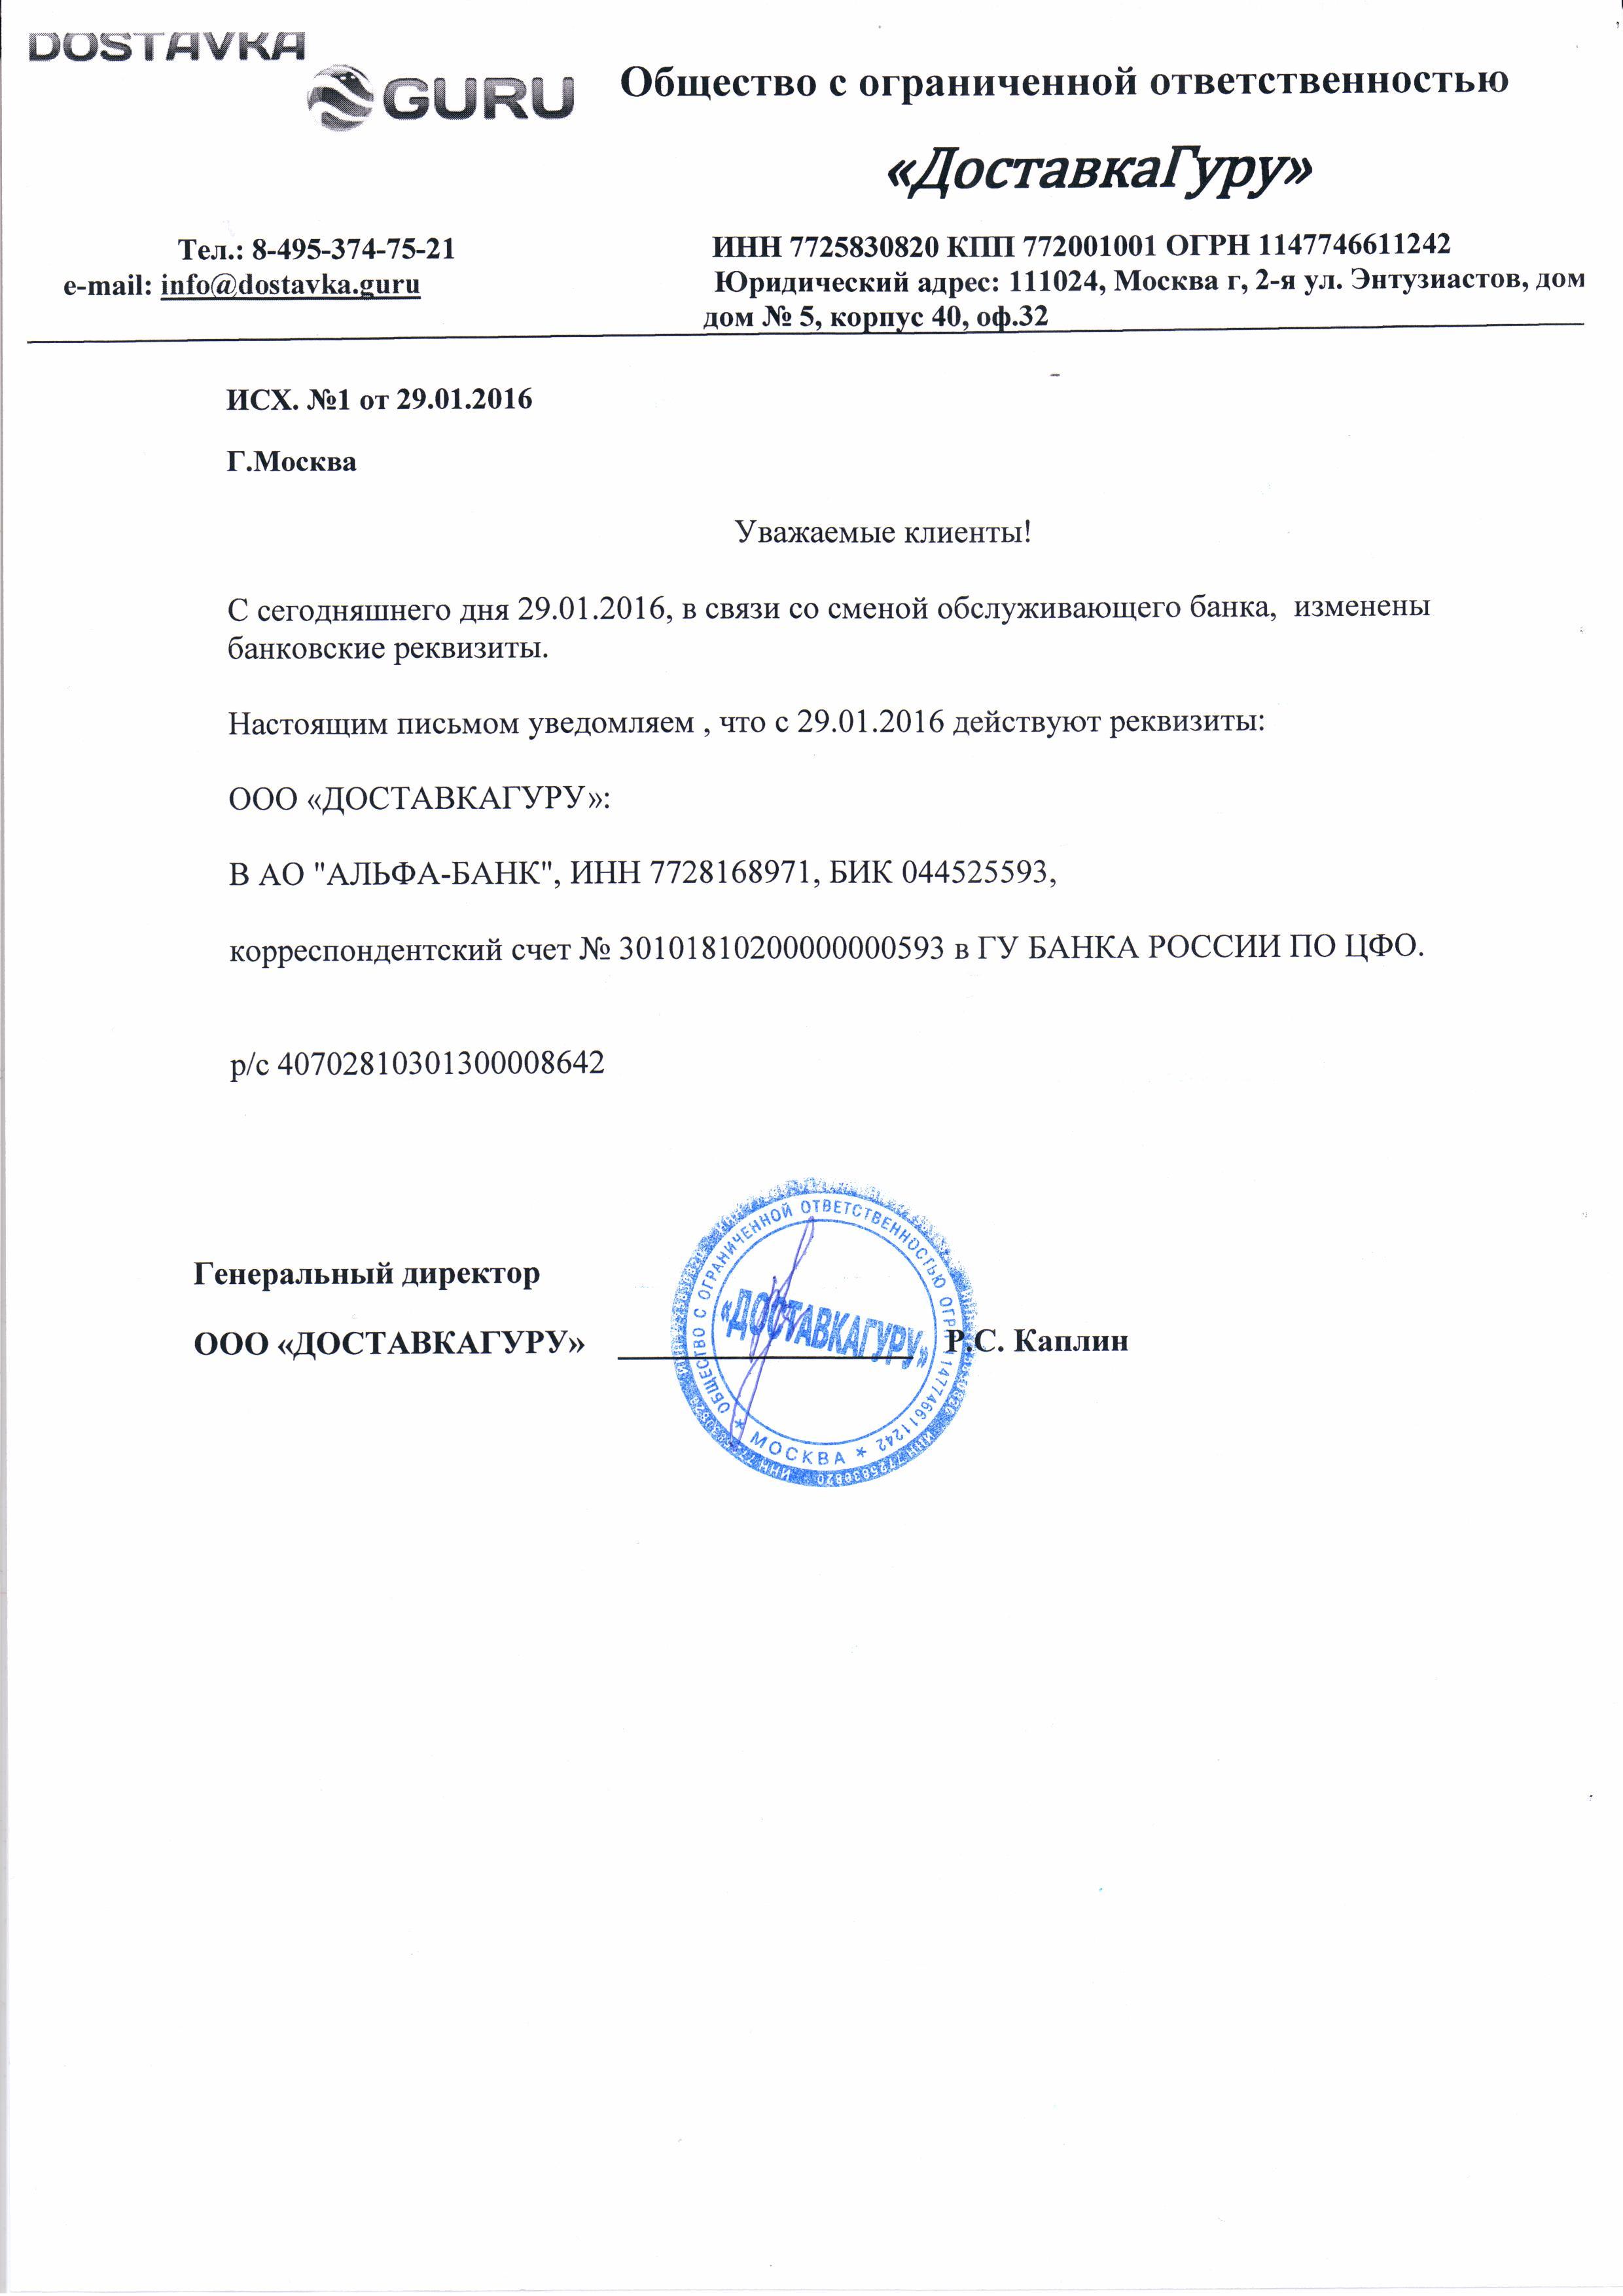 Письмо Уведомление о Смене Банковских Реквизитов образец